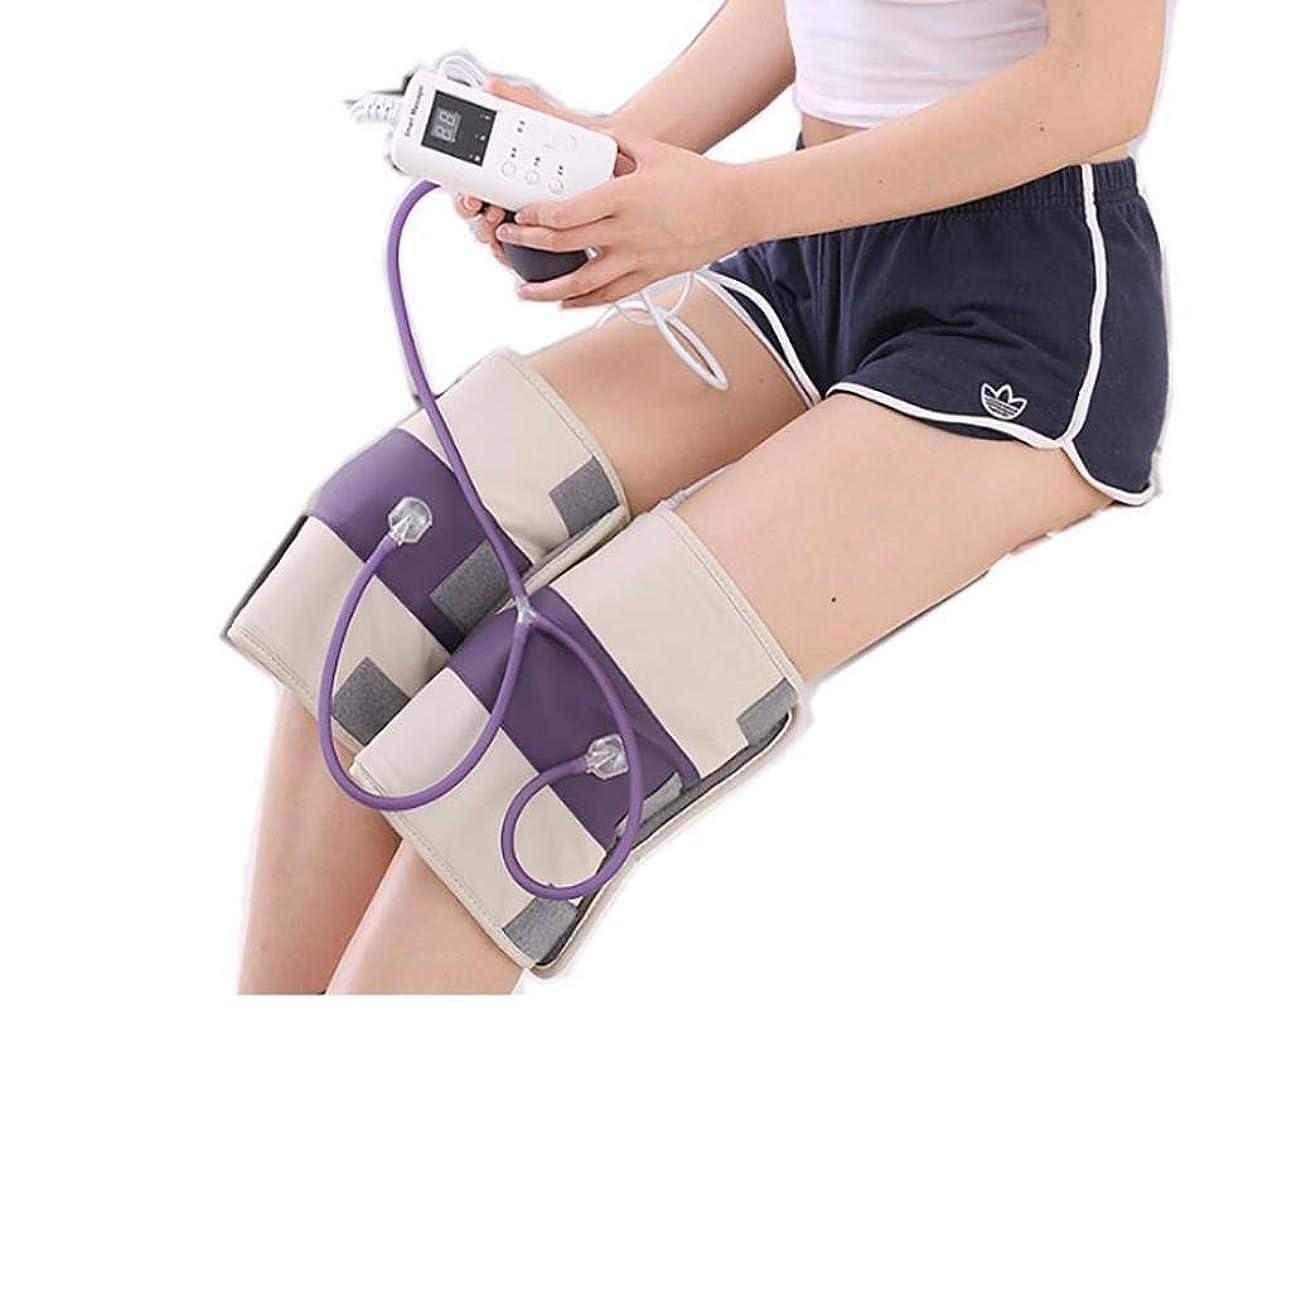 運河オリエンテーション作詞家熱くする足のマッサージャー、マッサージの膝パッド、膝の振動マッサージ、M/熱い圧縮/磁気療法、3つの温度調節、理性的なタイミング